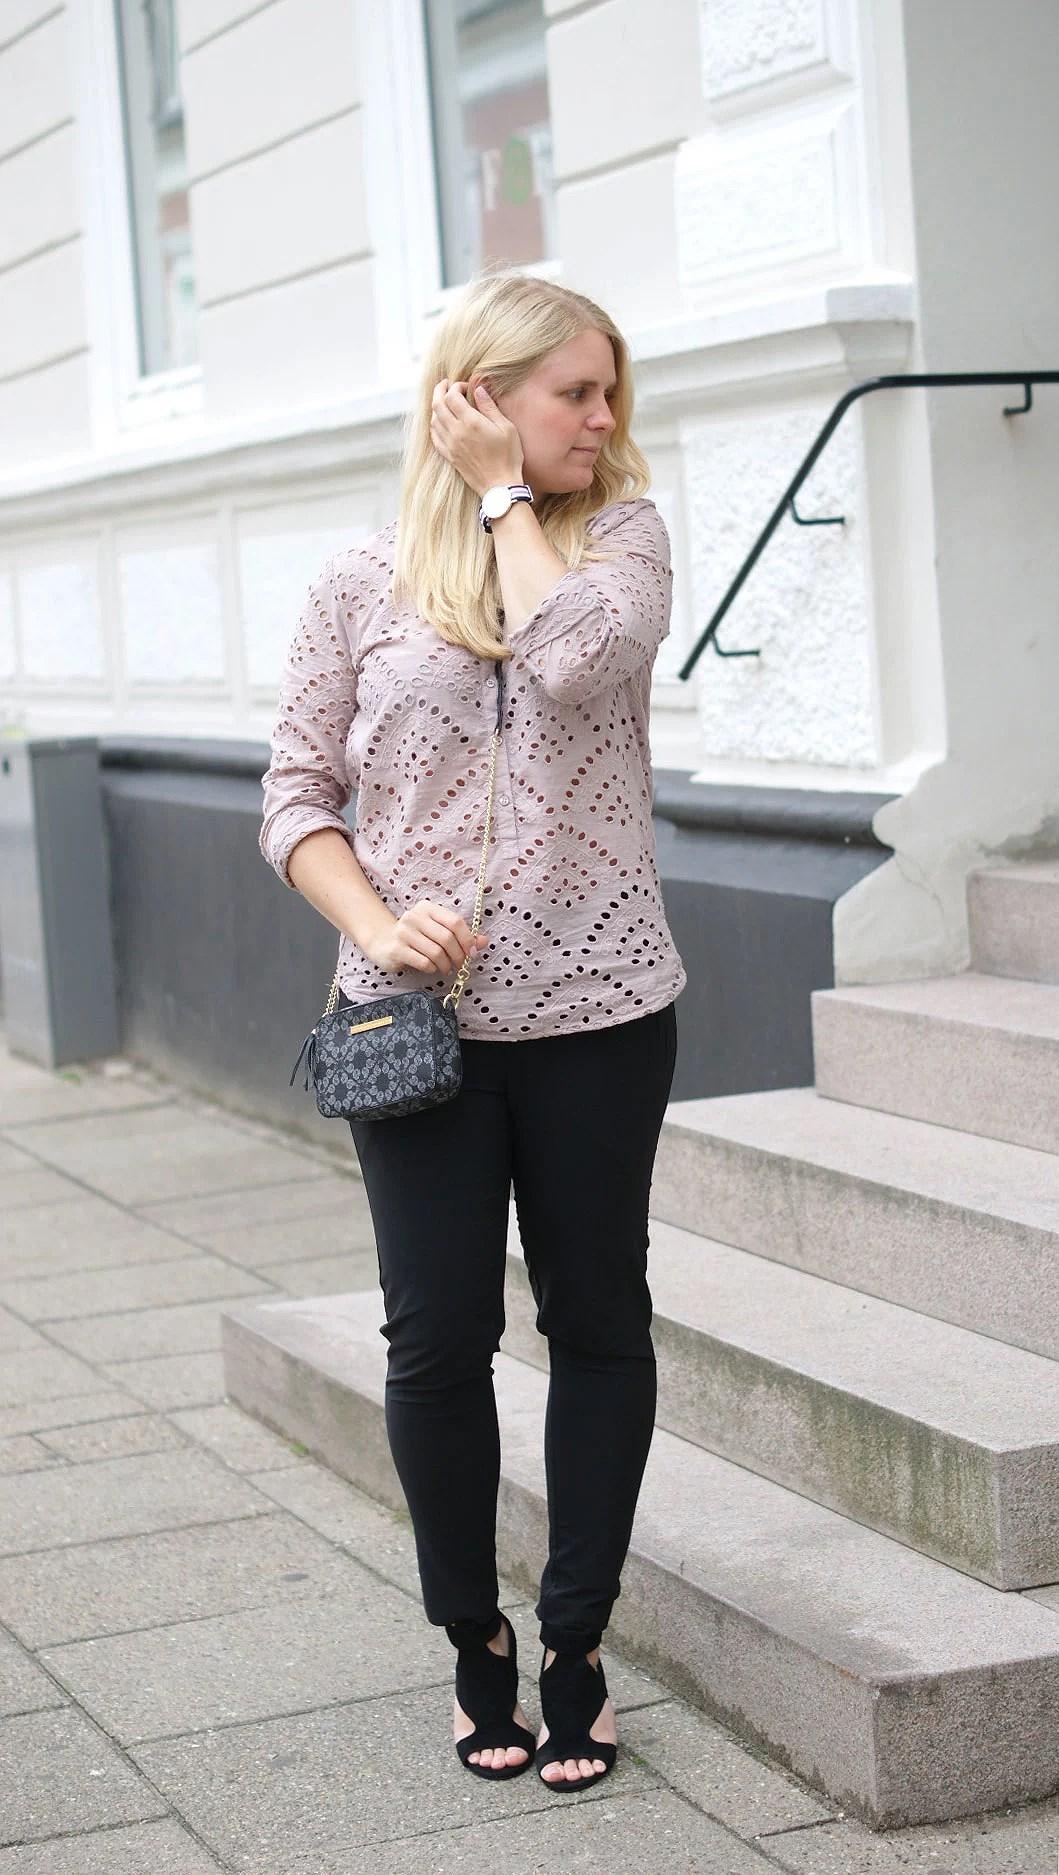 It's My Passions, Modeblogger, Dansk modeblogger, Aalborg blog, Aalborg blogger, Julie Mænnchen, Pink, Lou Lou Clothing, Lou Lou, Lou Lou skjorte, Outfit, Aalborg blog, Aalborg blogger